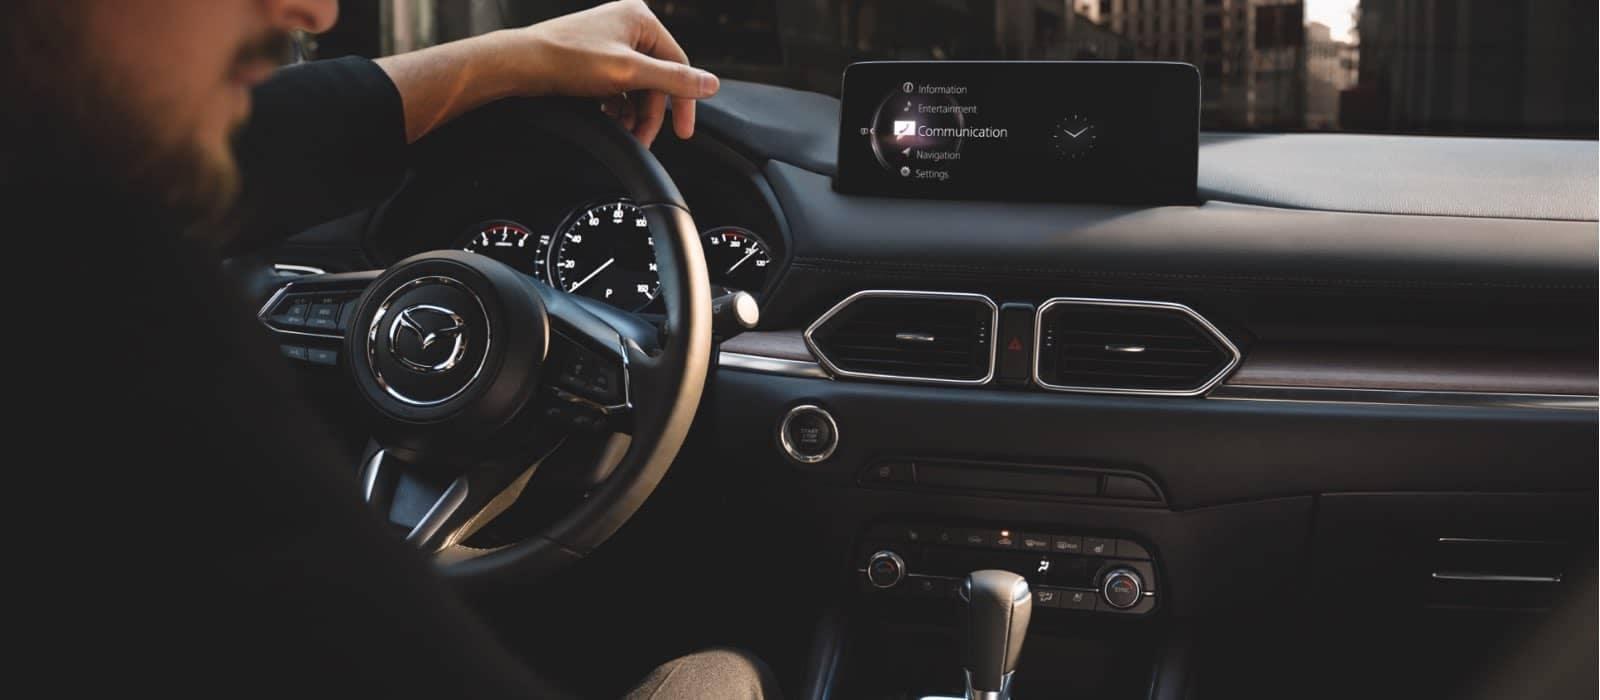 2021 Mazda CX-5 interior with driver